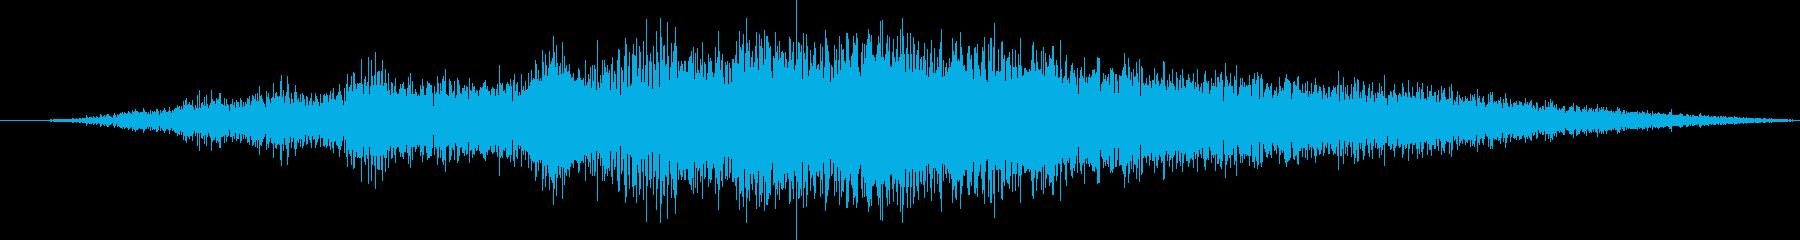 ヘビードラマティックエアリースペー...の再生済みの波形